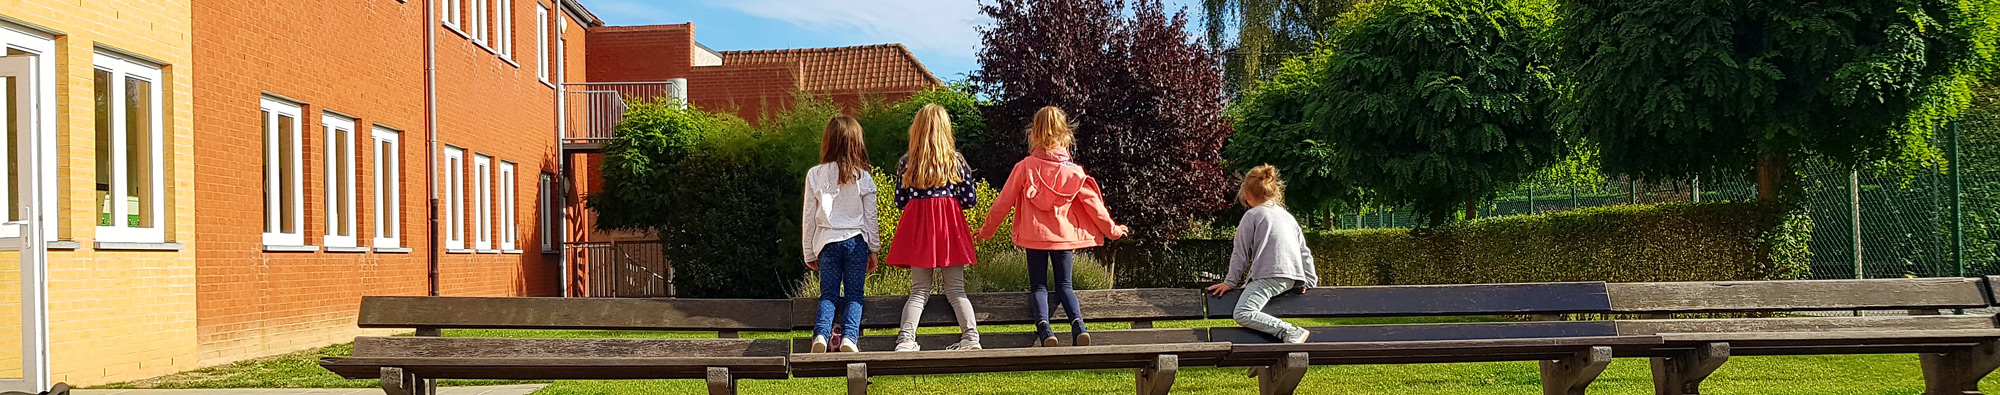 école primaire st michel de Tournai